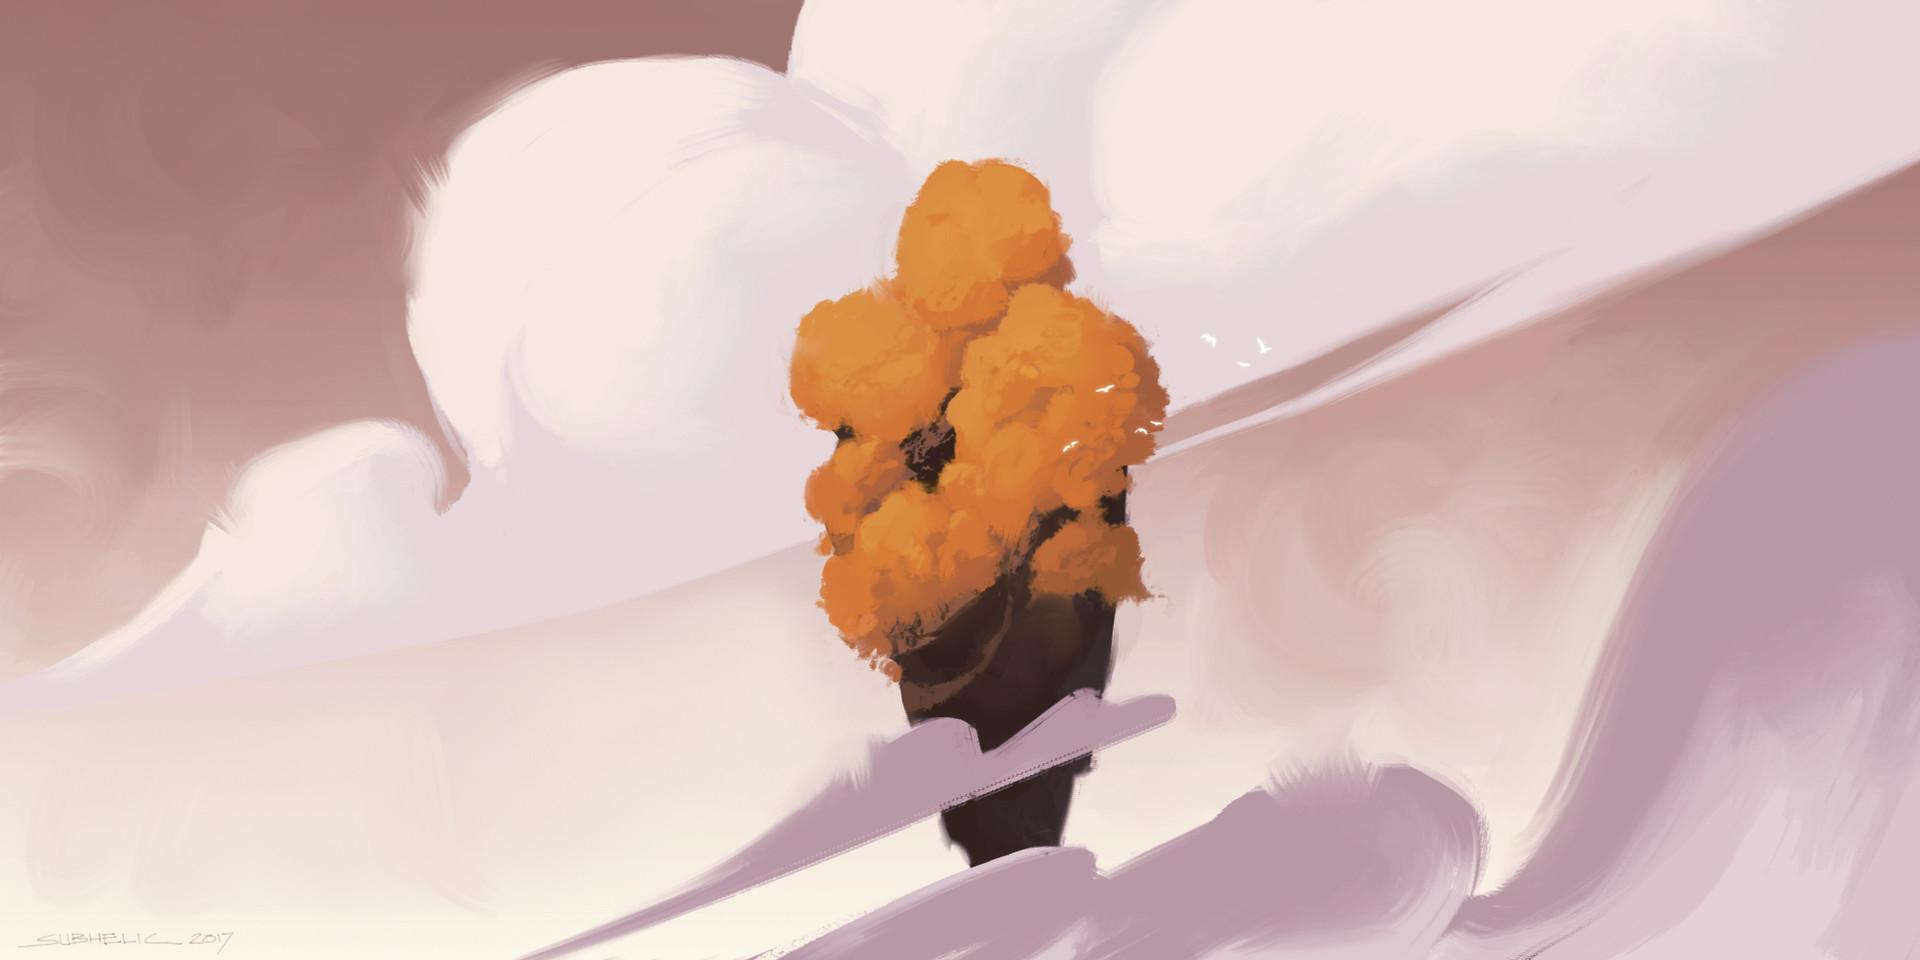 Subhelic gelato float